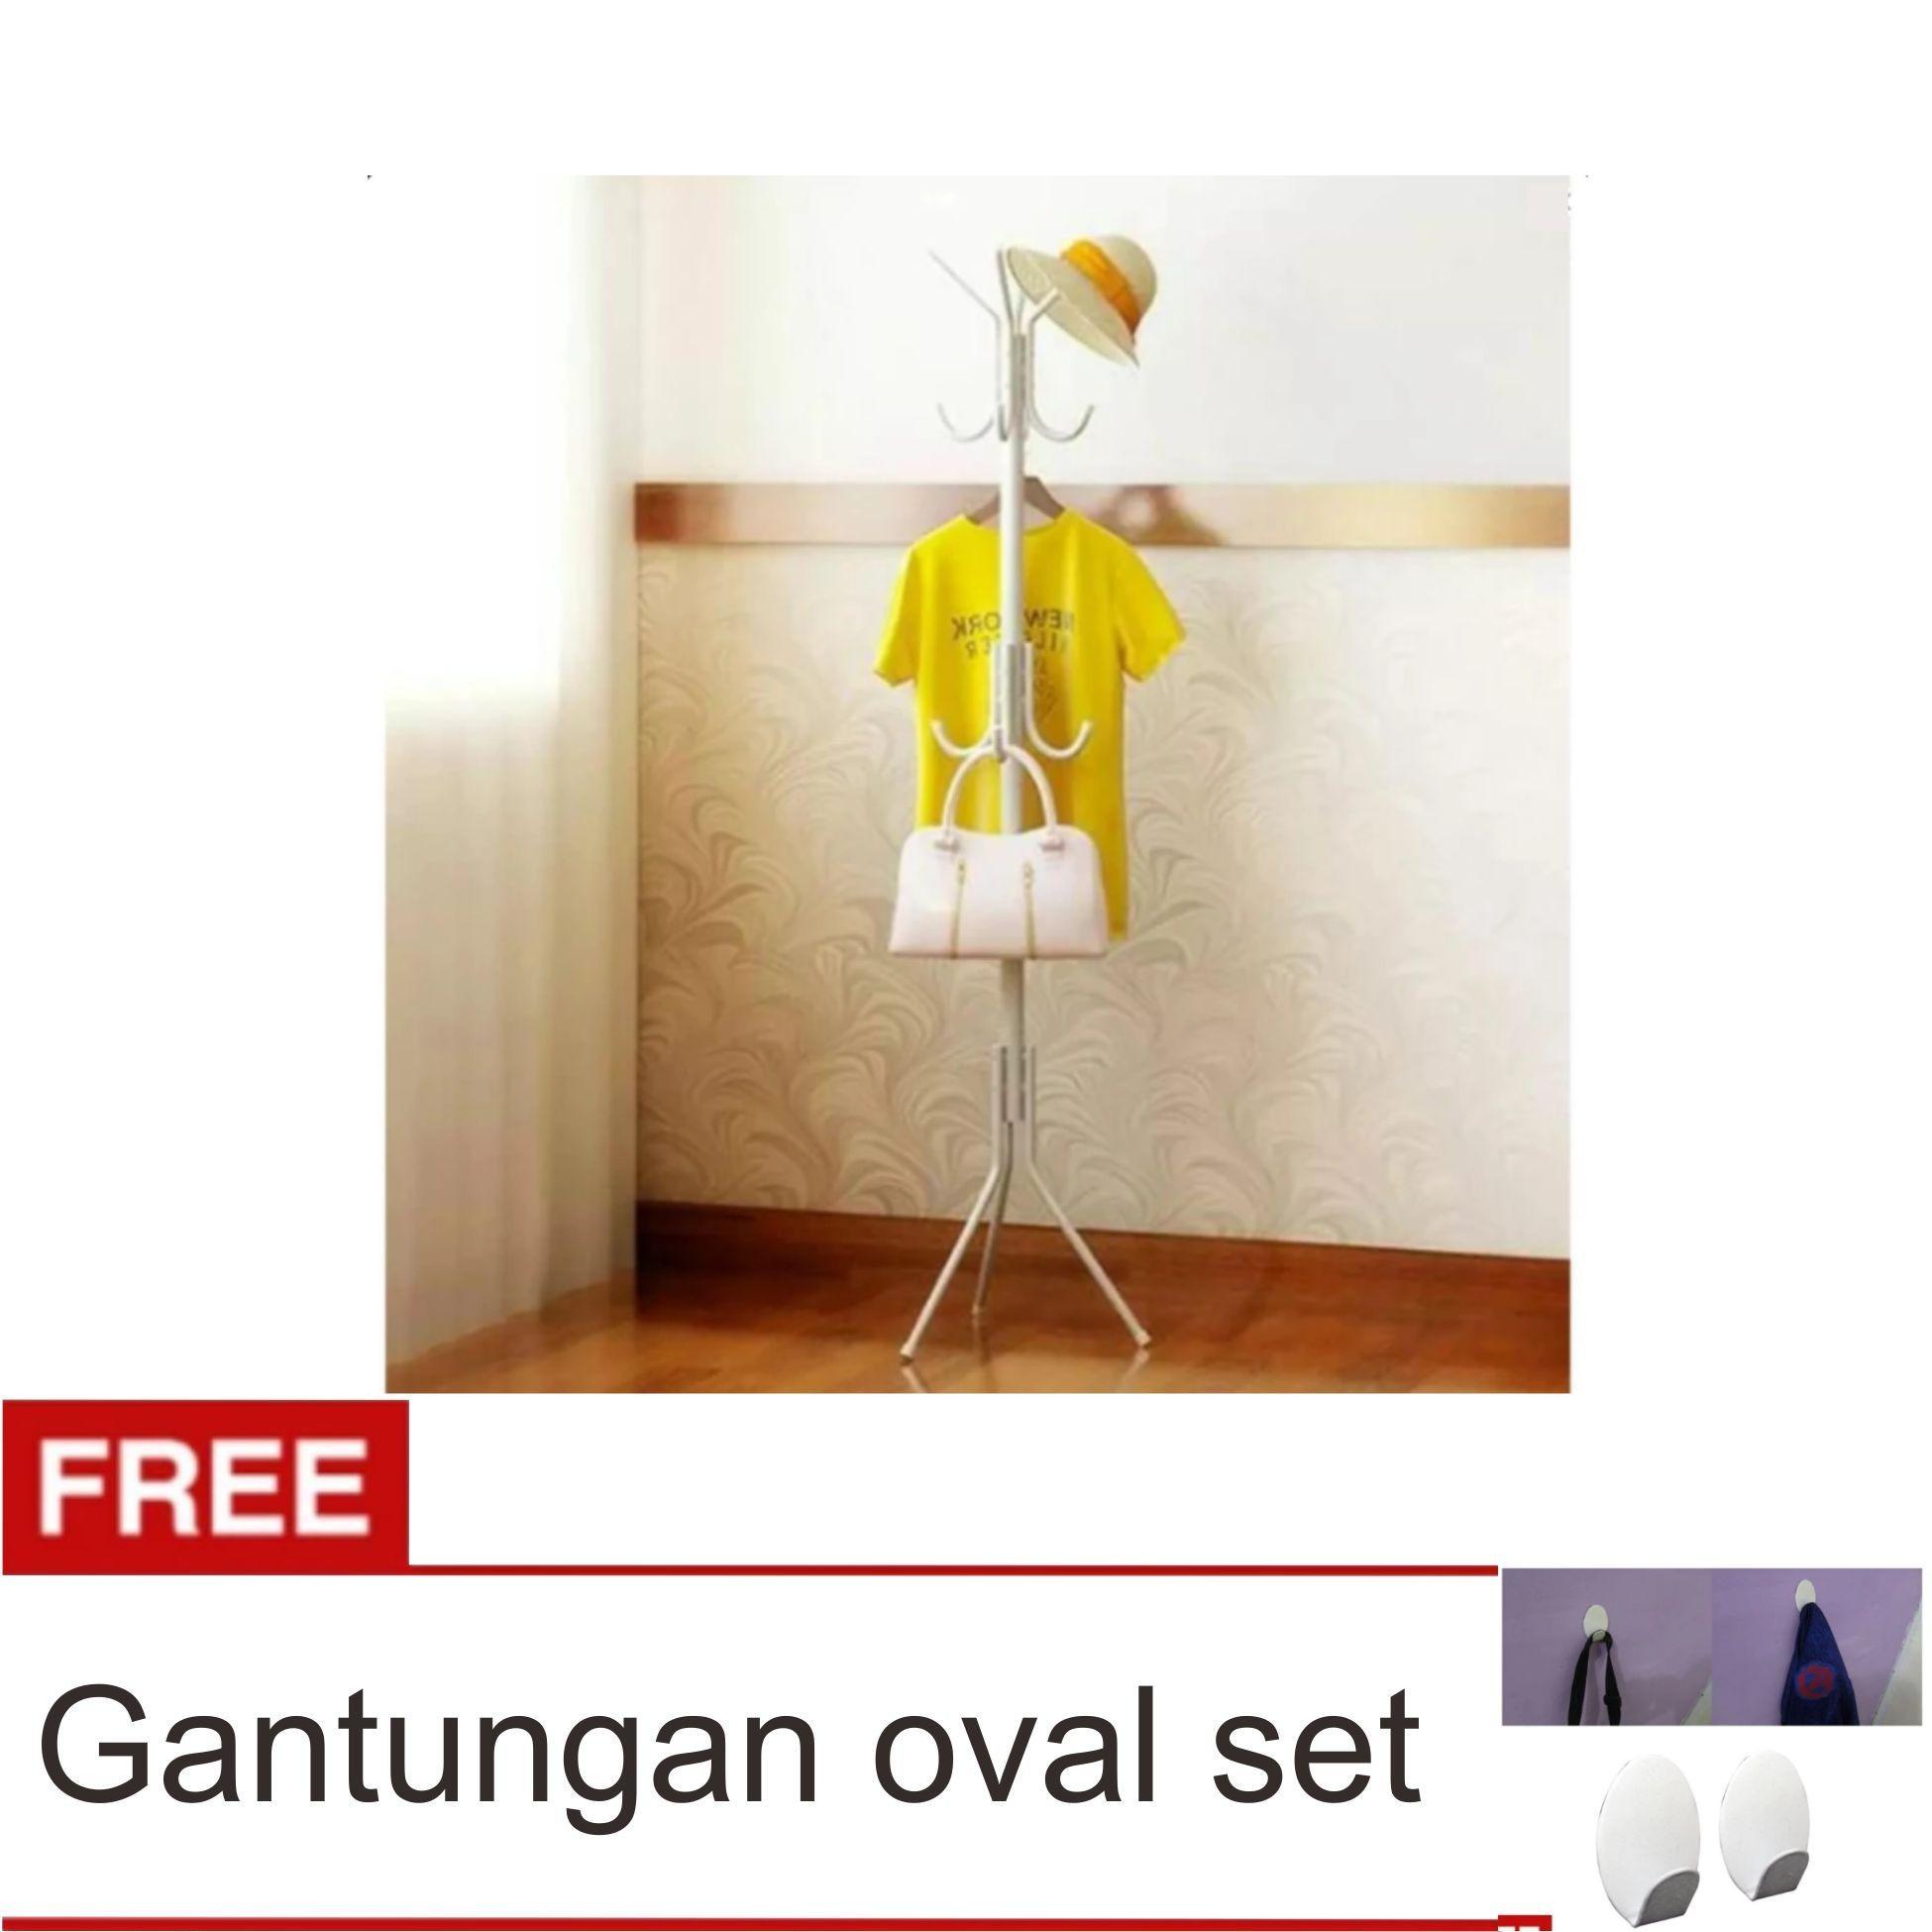 ... Tas Topi Payung DLL - Multifunction Hanger. Source · Lanjarjaya Gantungan Baju Standing Hanger Multifunction Stand Hanger Putih Gantungan Oval Set .